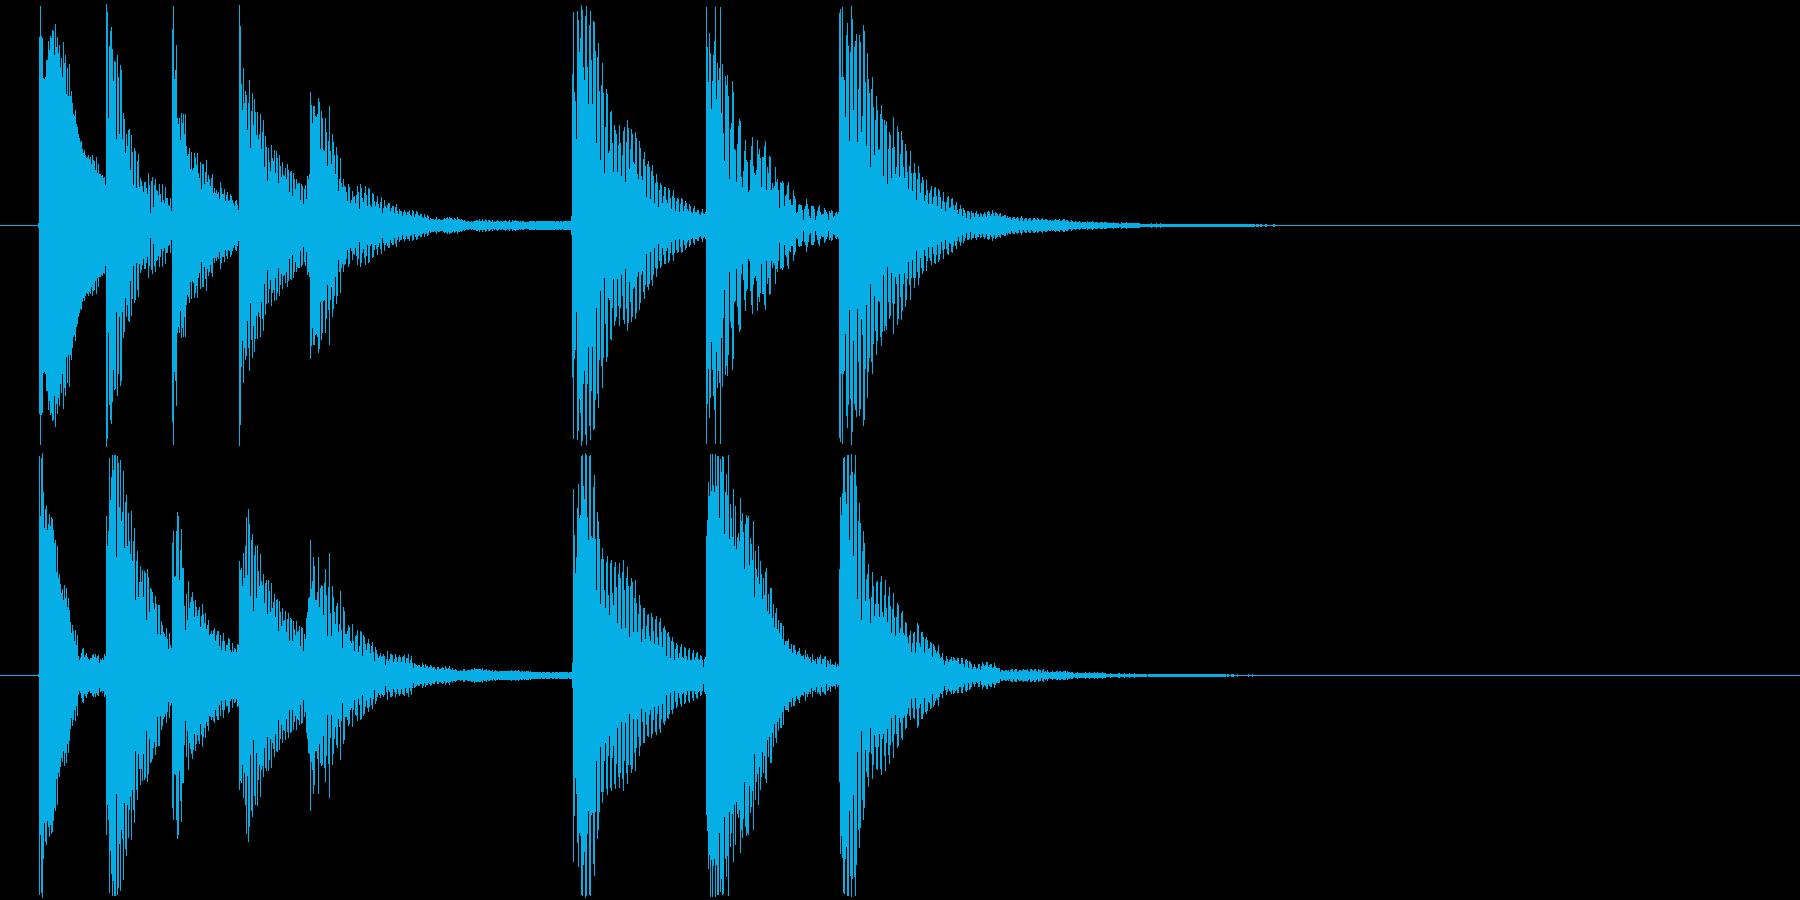 ほのぼのとした雰囲気のジングル2の再生済みの波形